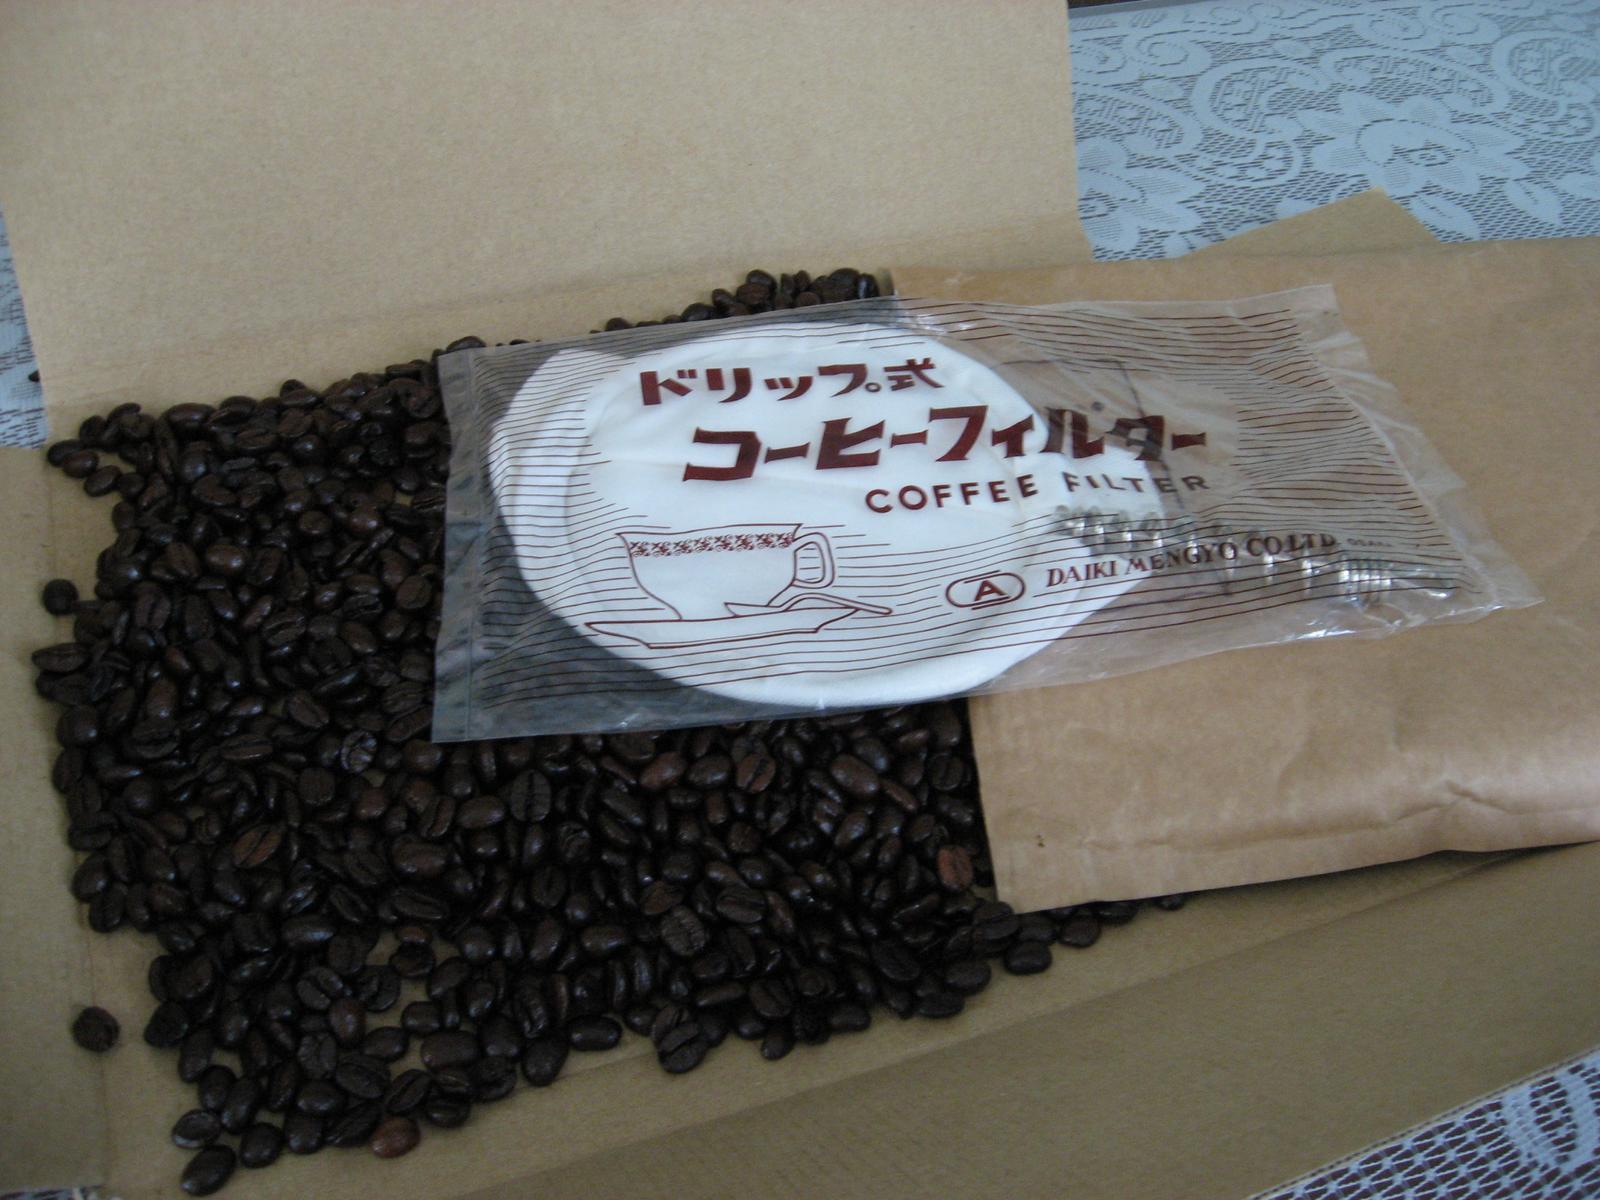 アイスコーヒー 抽出セット =セット内容=アイス...の商品画像